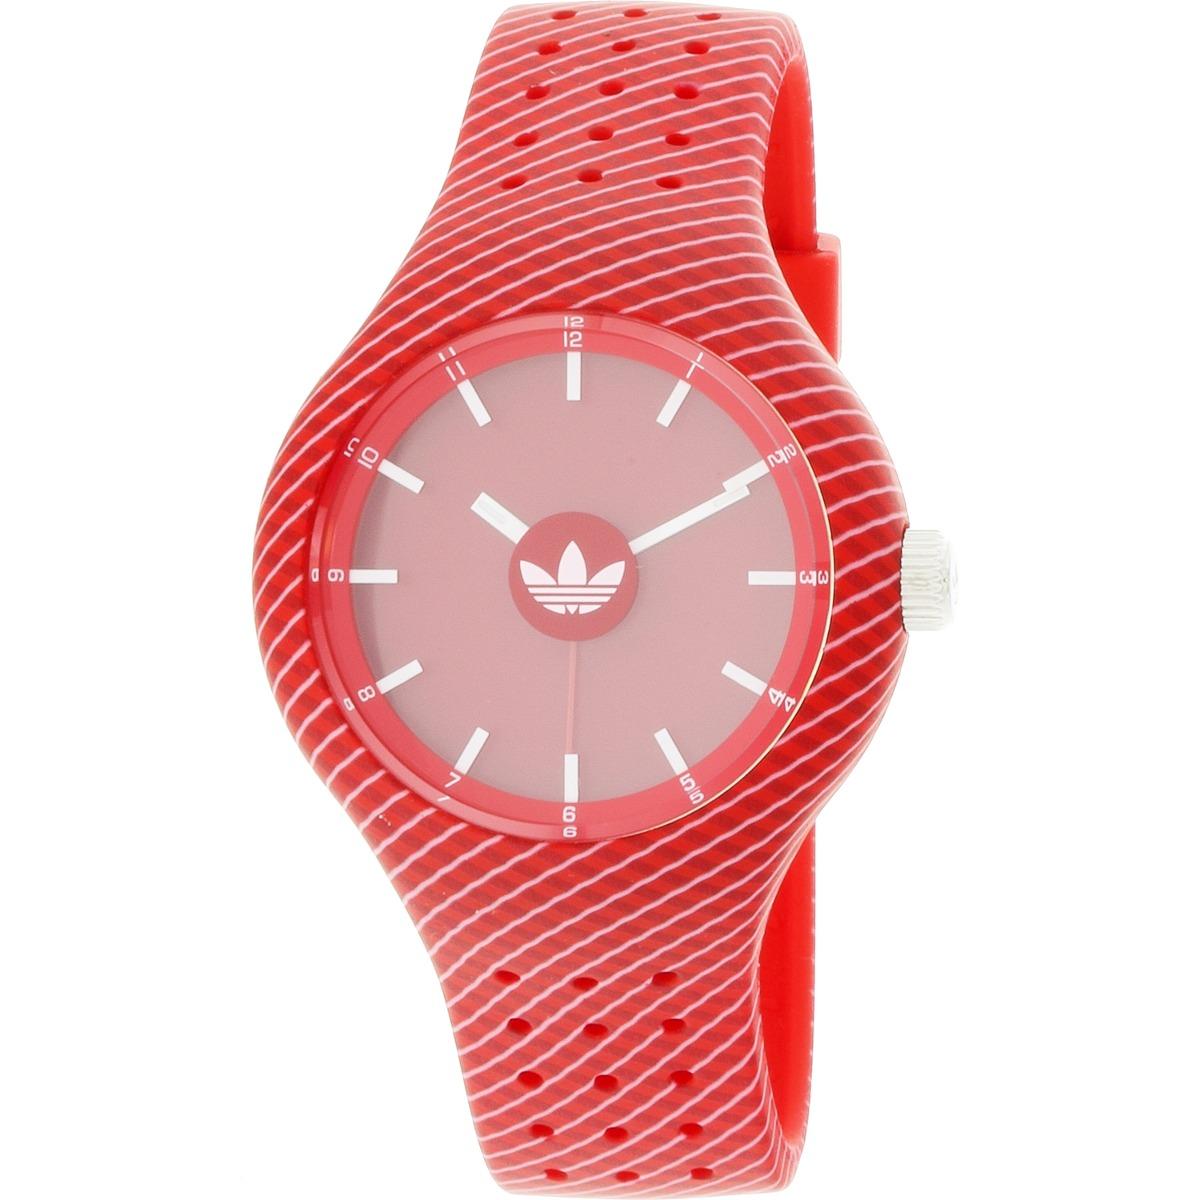 promo code 2f9dd de515 reloj-adidas-para-mujer -adh3204-ipswich-de-buceo-de-cuarzo-D NQ NP 757777-MLM27150426036 042018-F.jpg